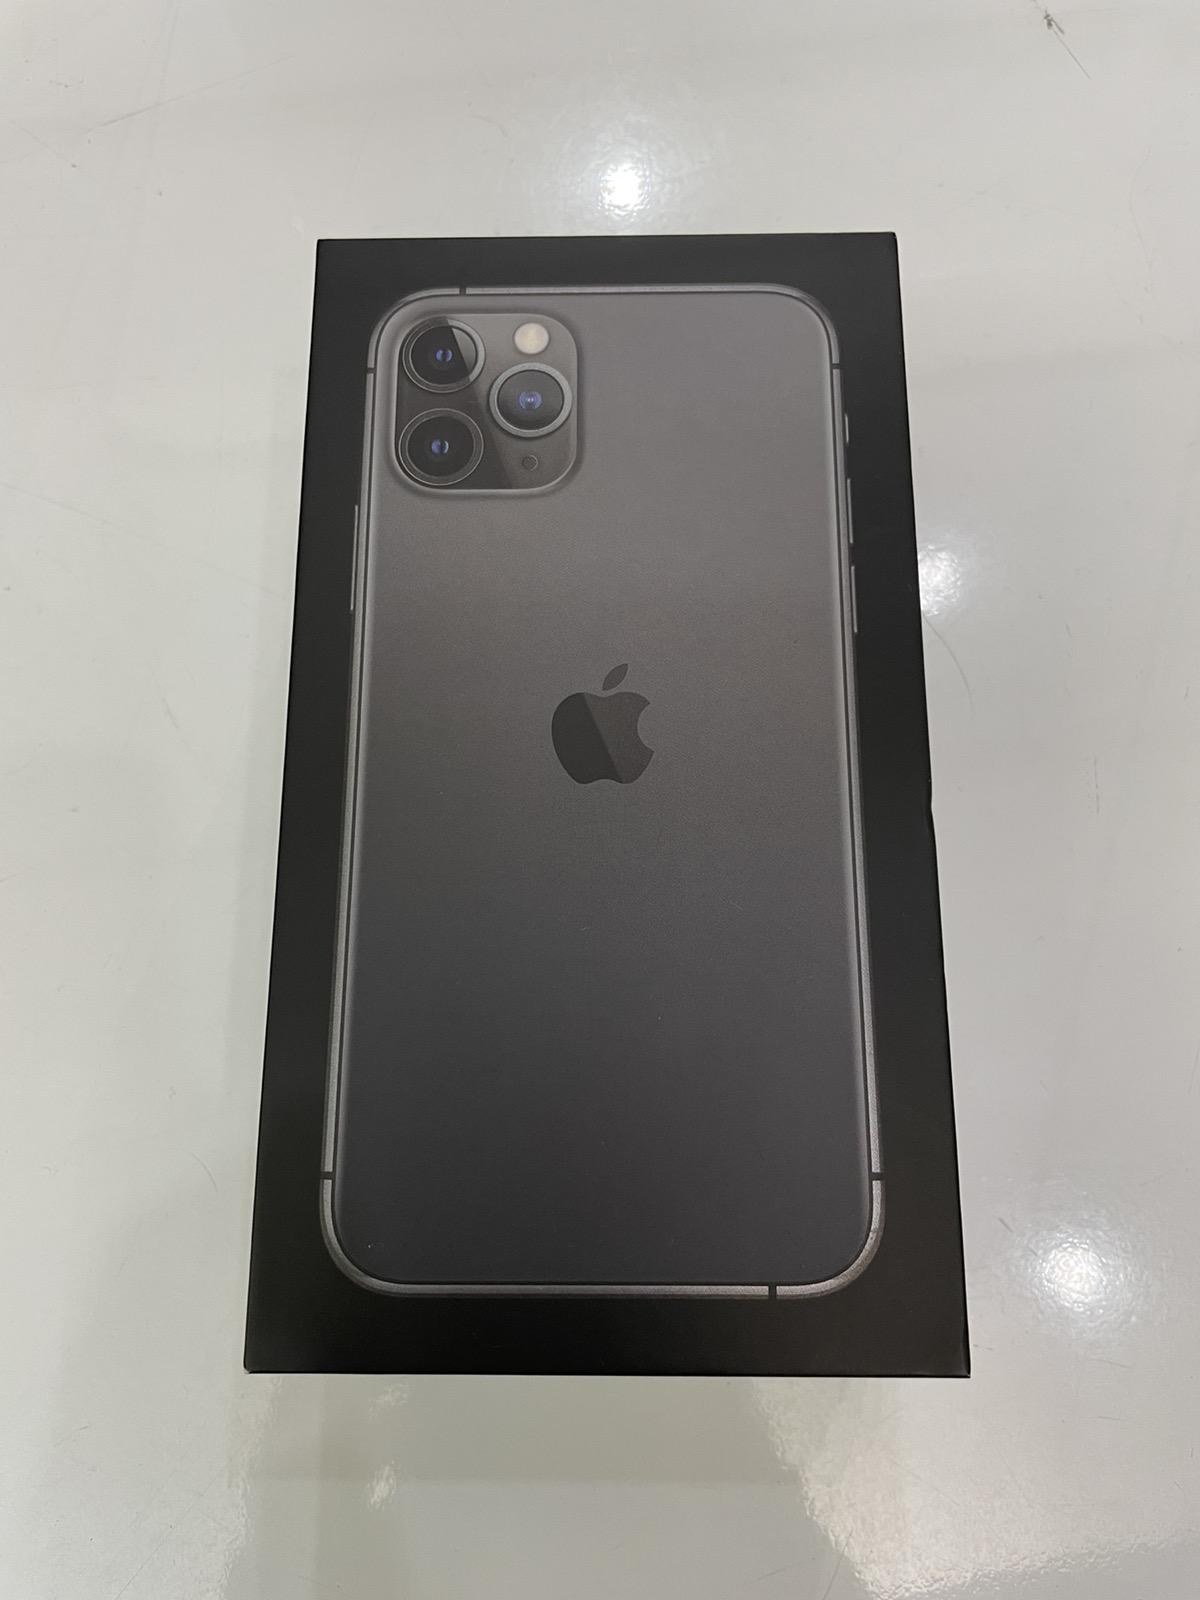 iPhone 11 Pro 64GB スペースグレイ SoftBank○ 新品